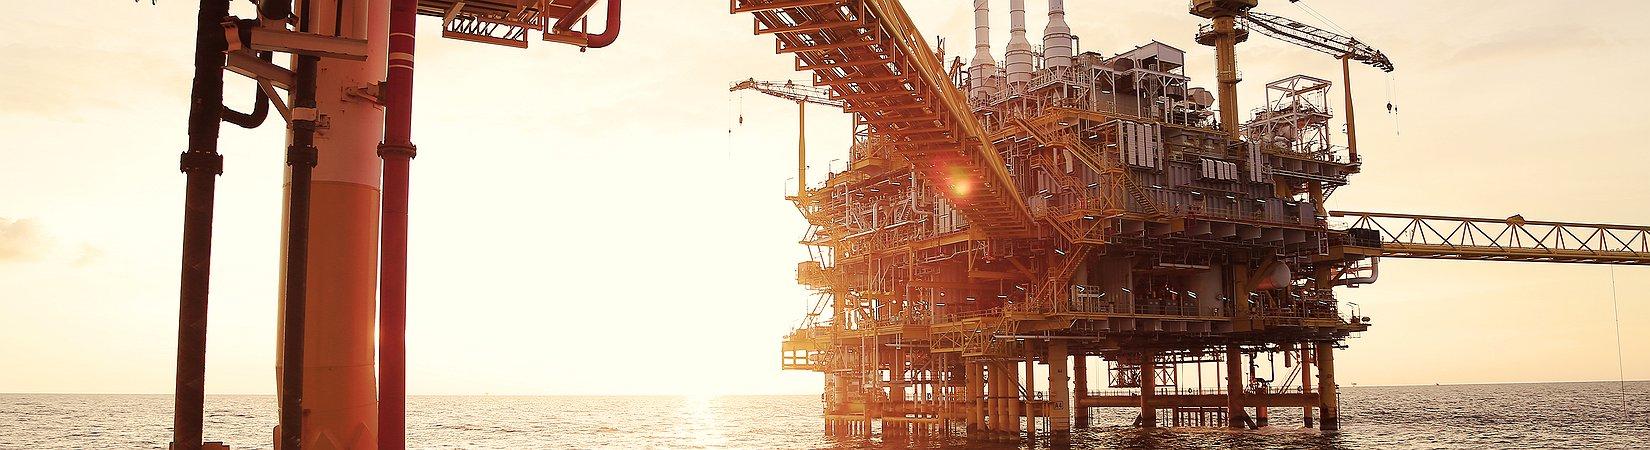 ОПЕК увеличила добычу нефти до максимума за год